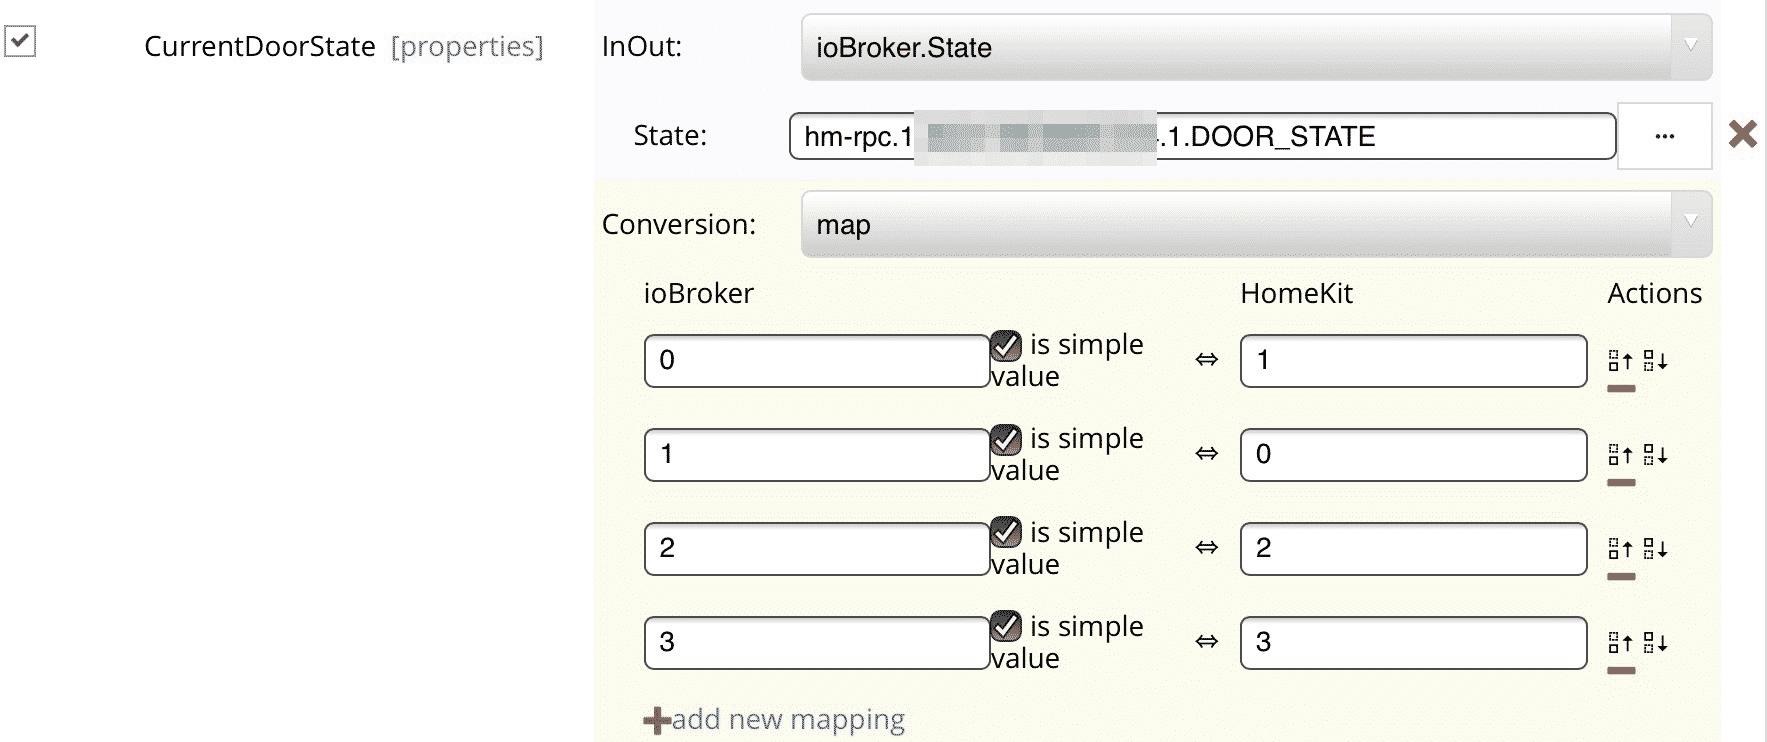 Einstellungen für HMIP-MOD-HO zu CurrentDoorState in Yahka.